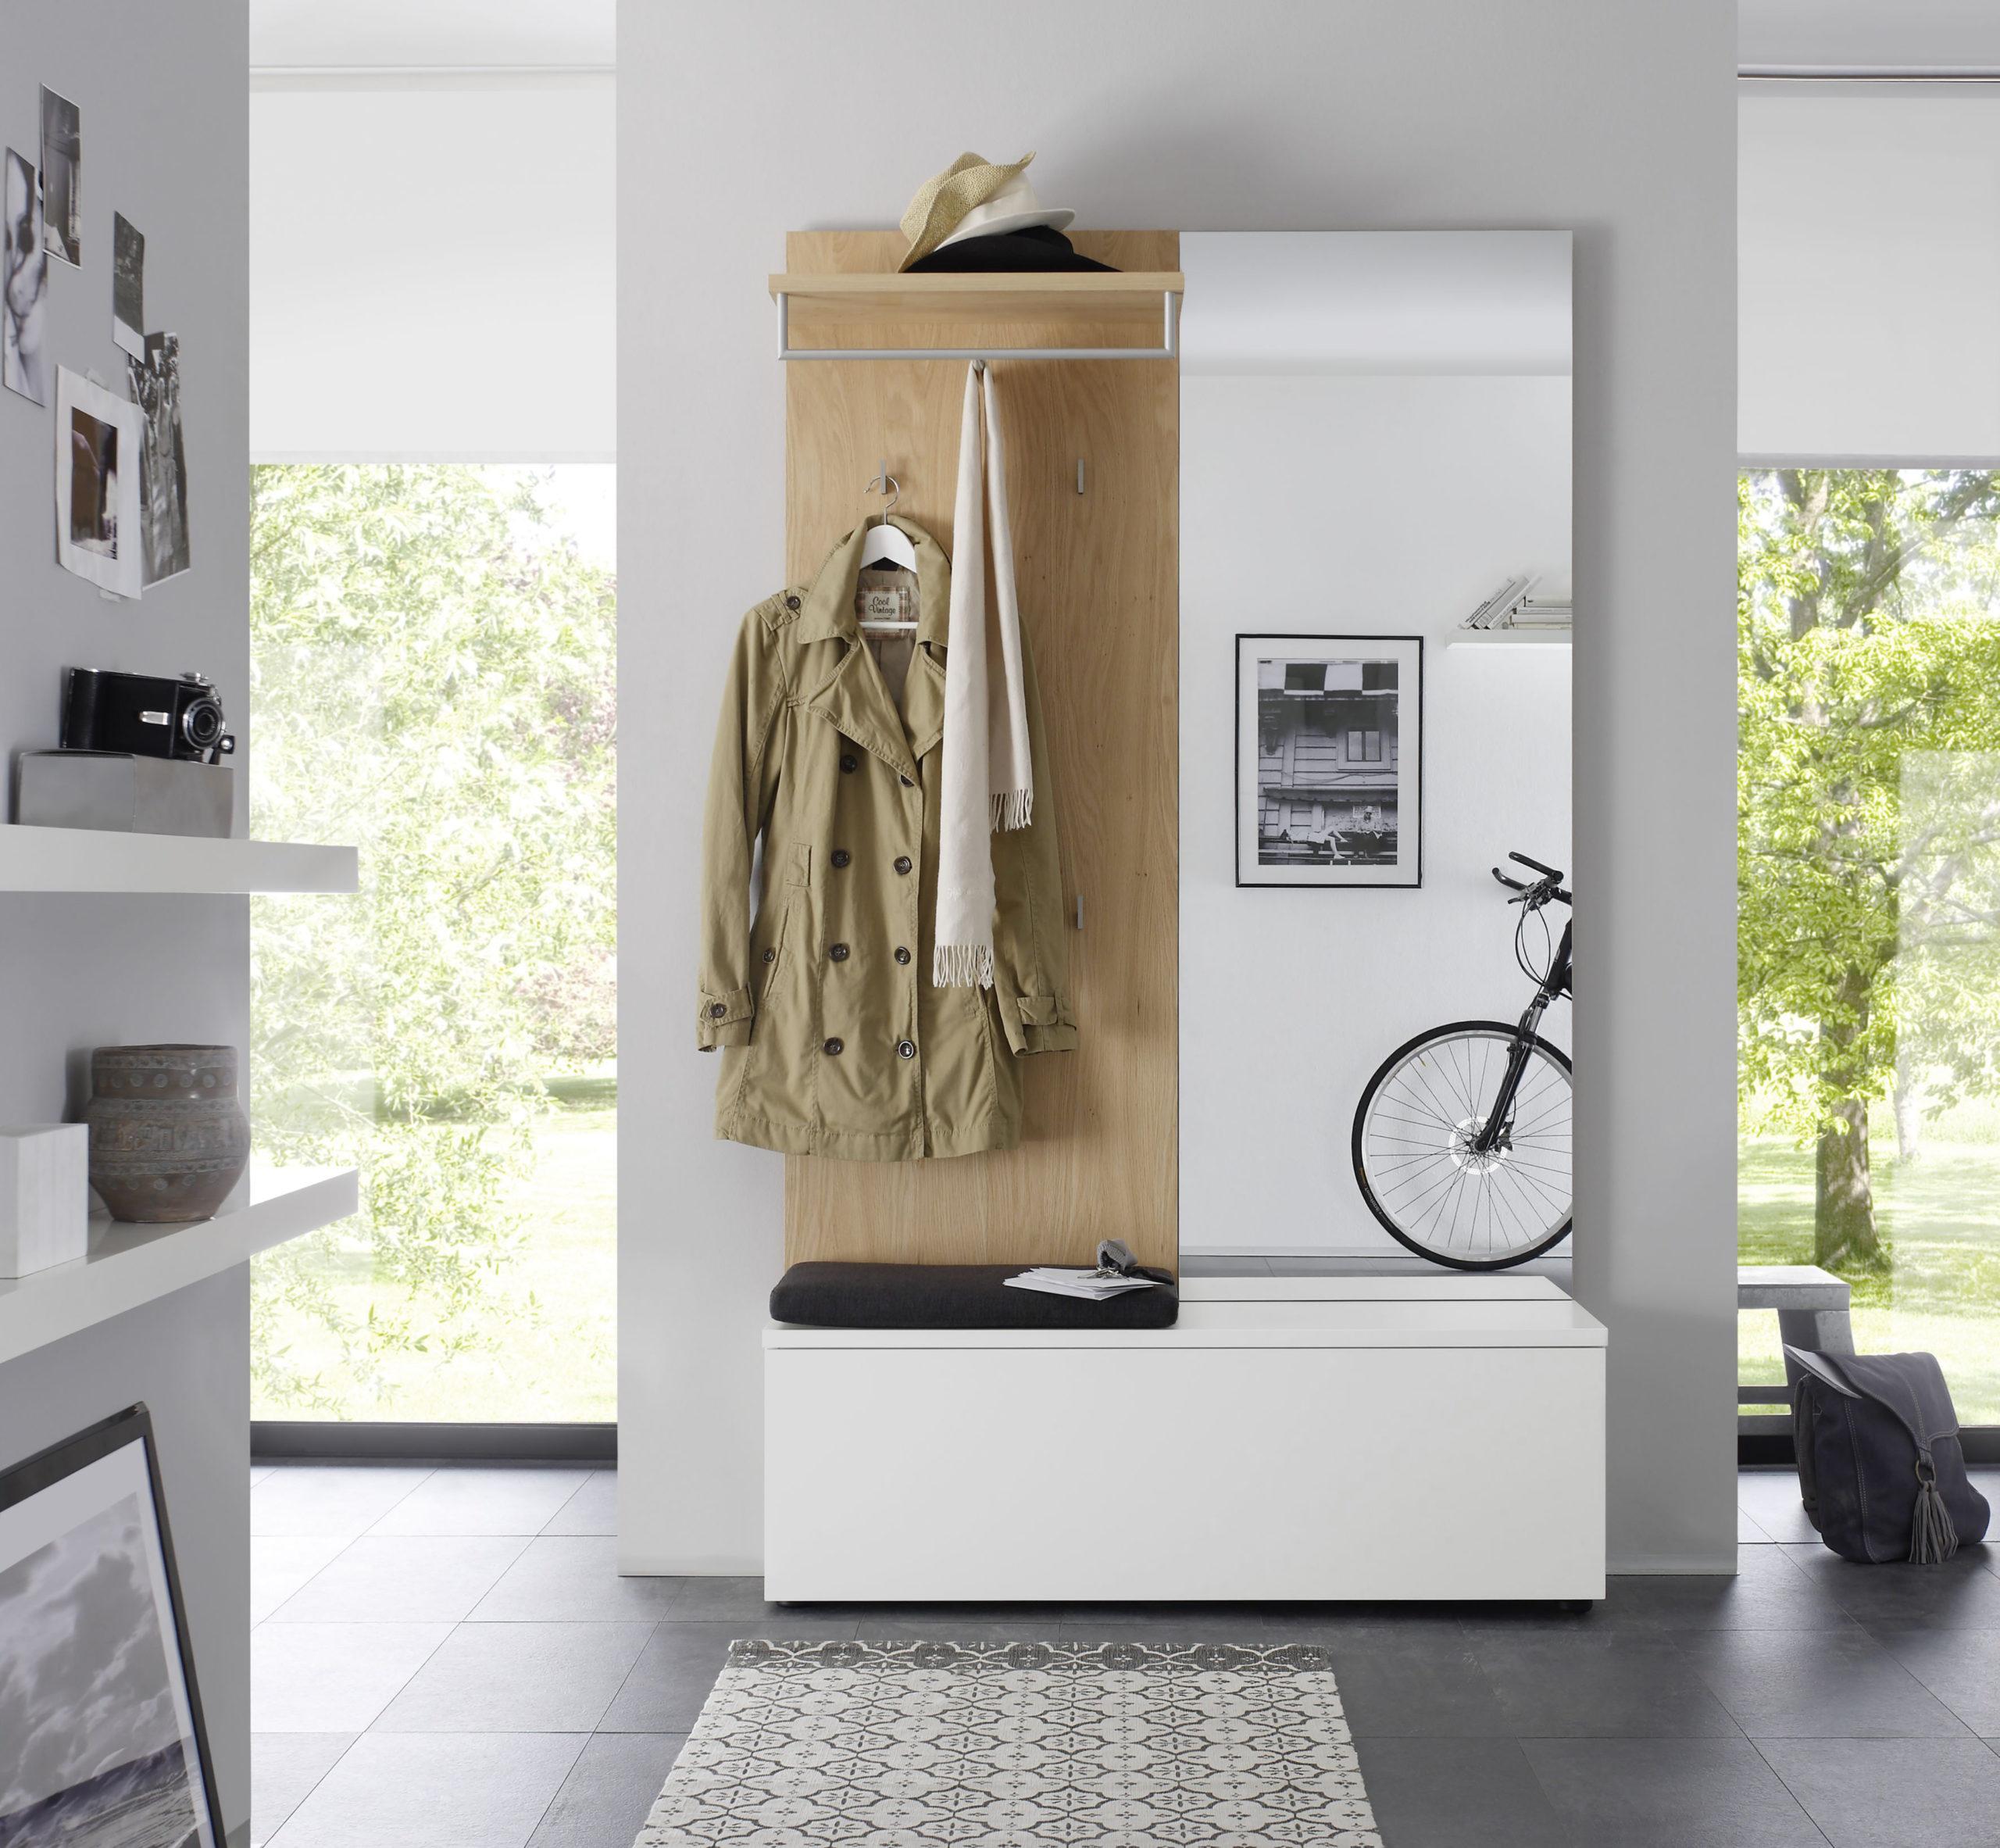 Sudbrock TANDO Garderobe in der Ausführung Ethno Eiche, Lack steingrau #407